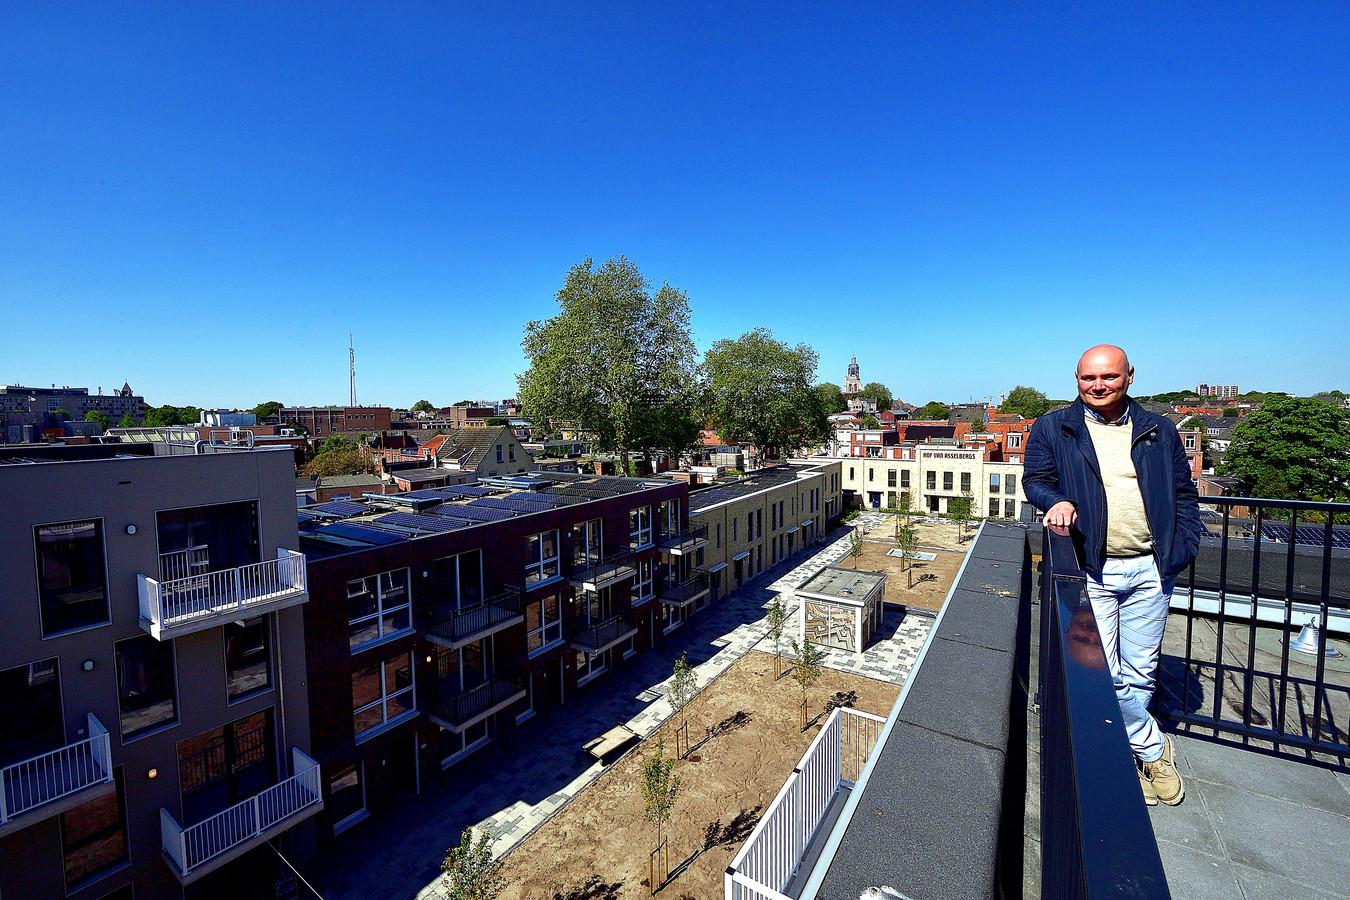 Het Hof van Asselbergs tegenover het NS-station in Bergen op Zoom, met uitzicht op binnenstad en Peperbus, is vrijwel voltooid. Projectleider Michiel Miedema van Stadlander kondigt met gepaste trots een open dag aan: woensdag 22 mei.